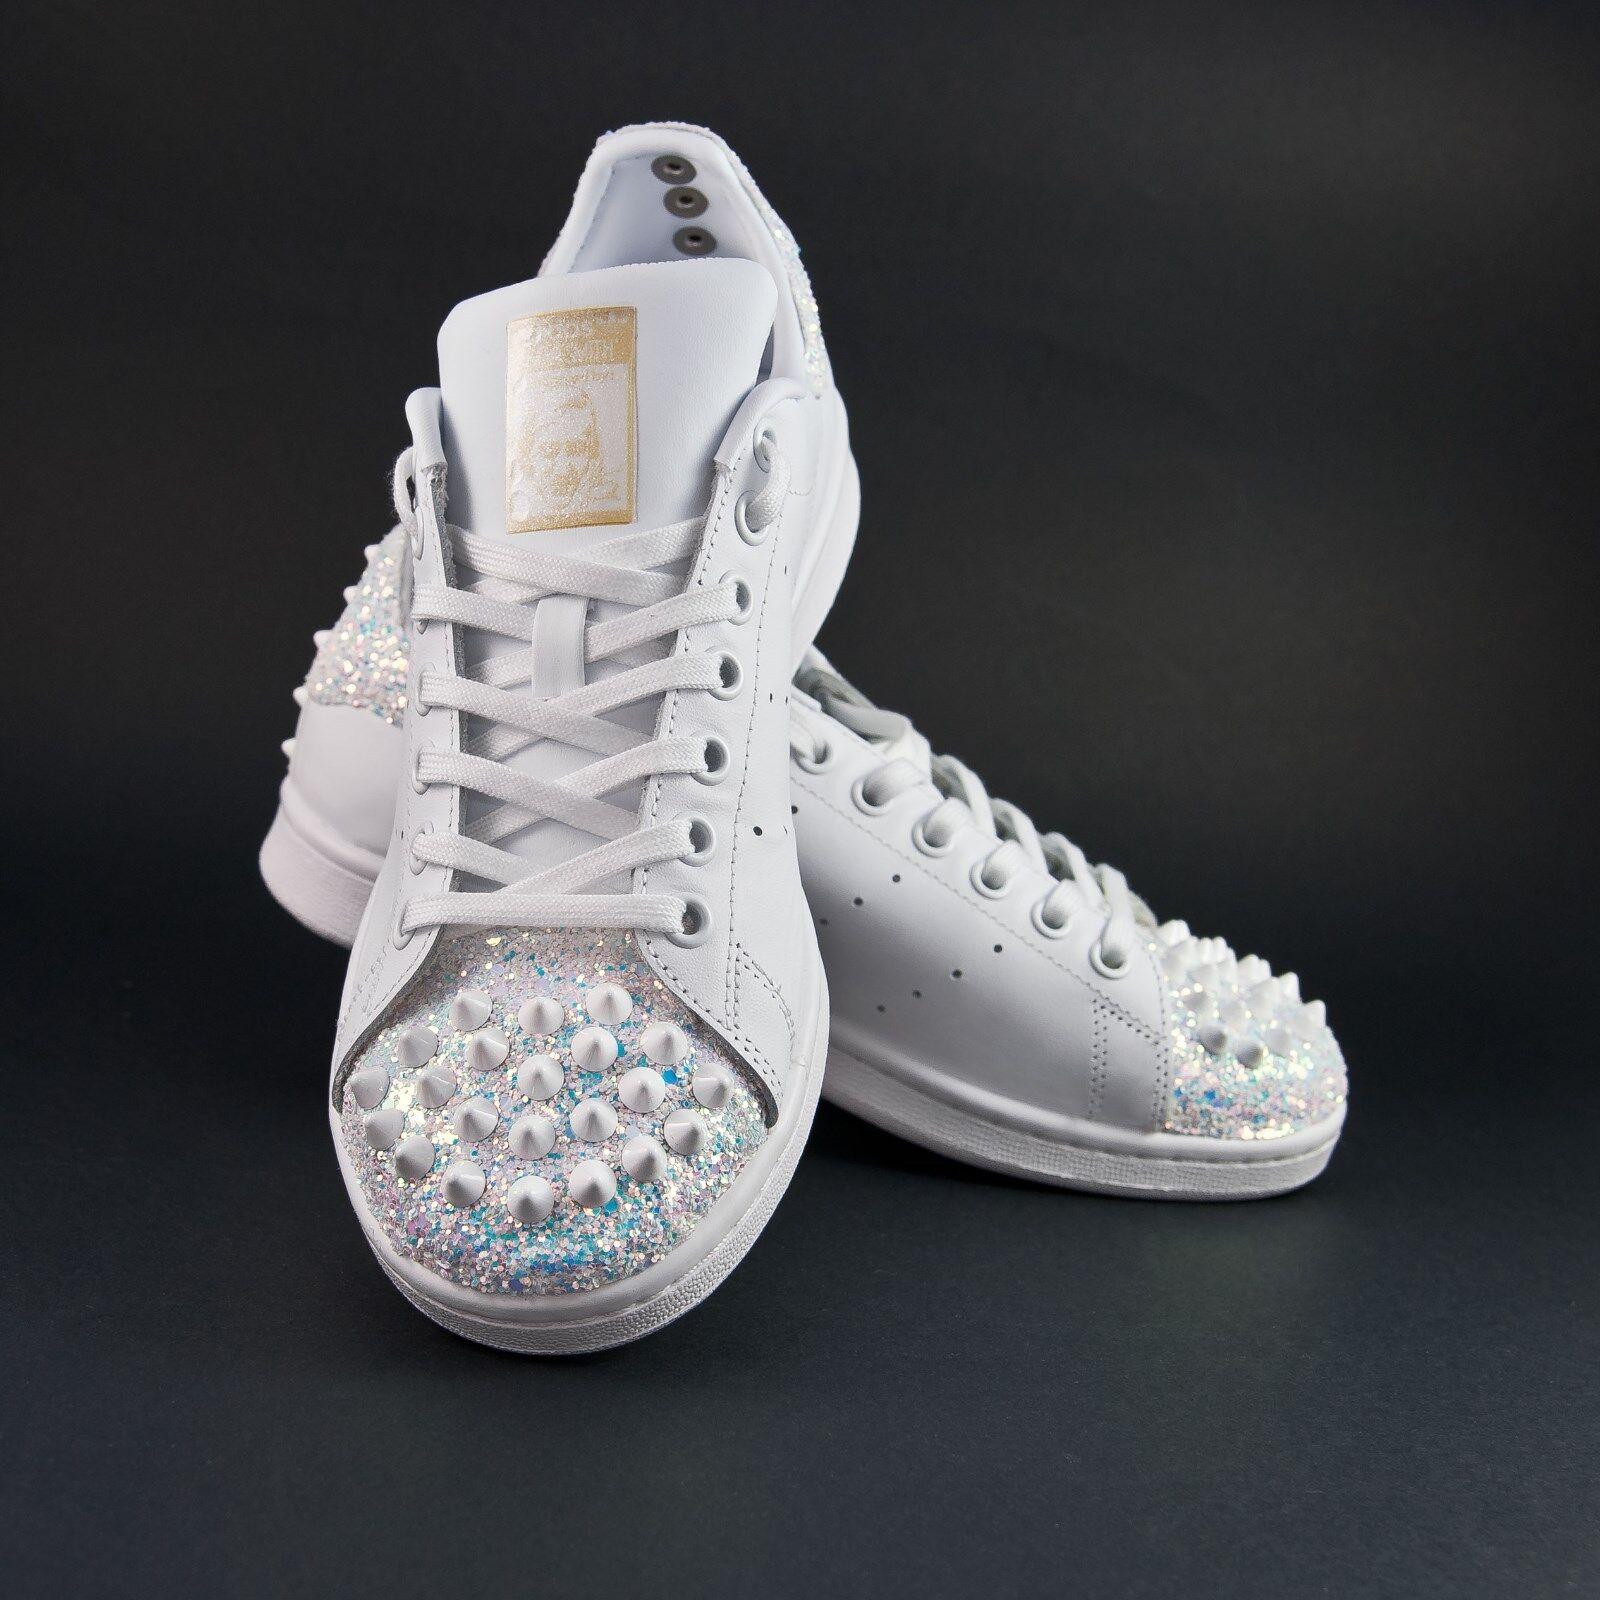 Schuhe Adidas Stan Smith mit Glitzer und Spitze